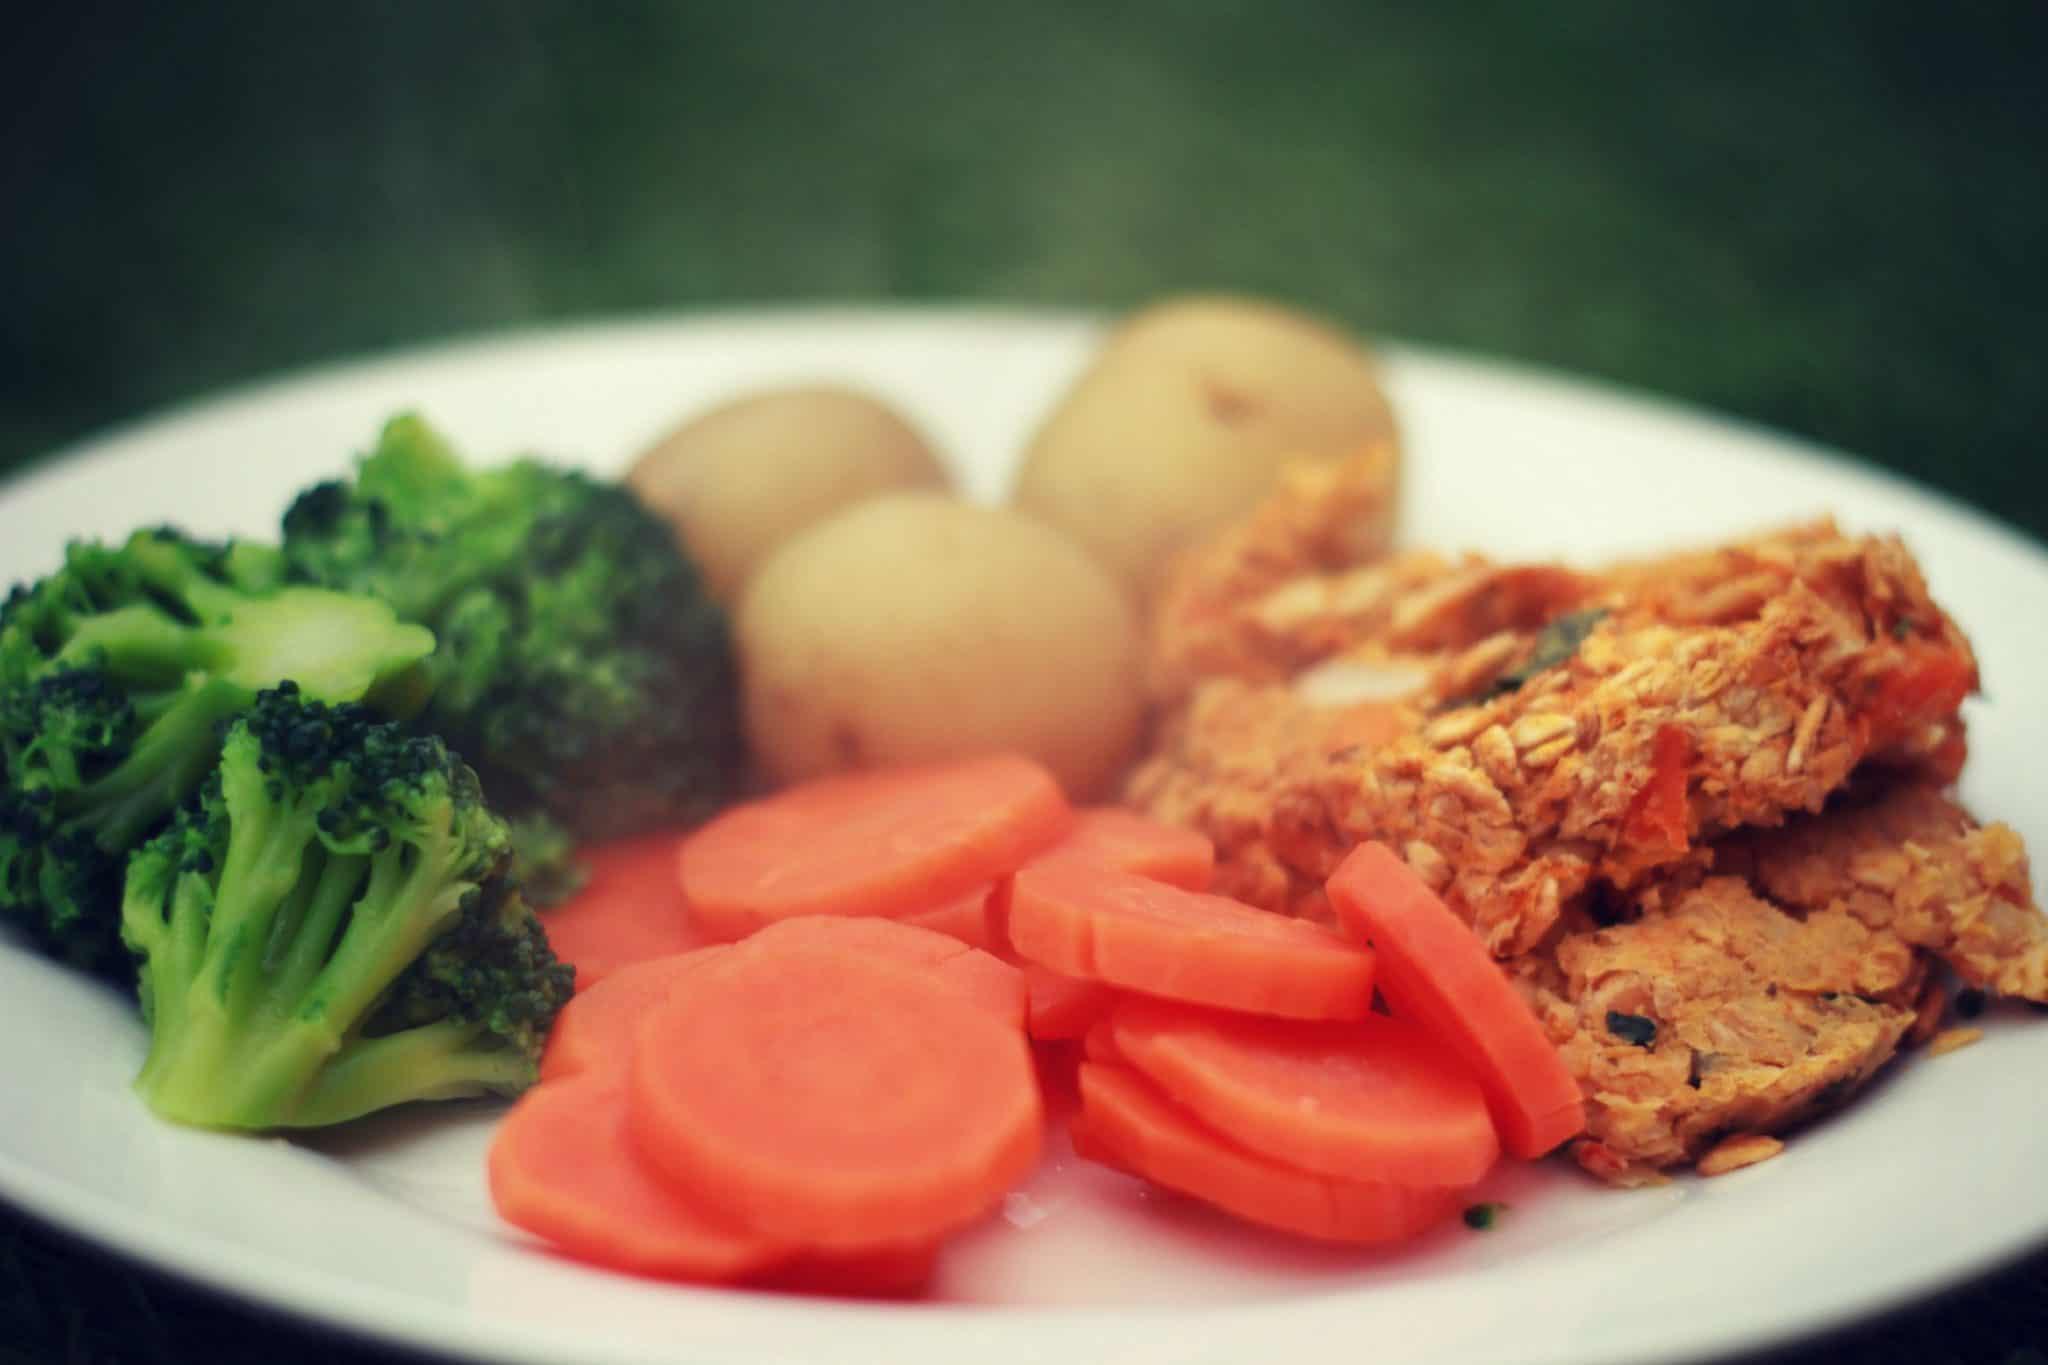 Home Delivery Diet Food Plans Meals To Door